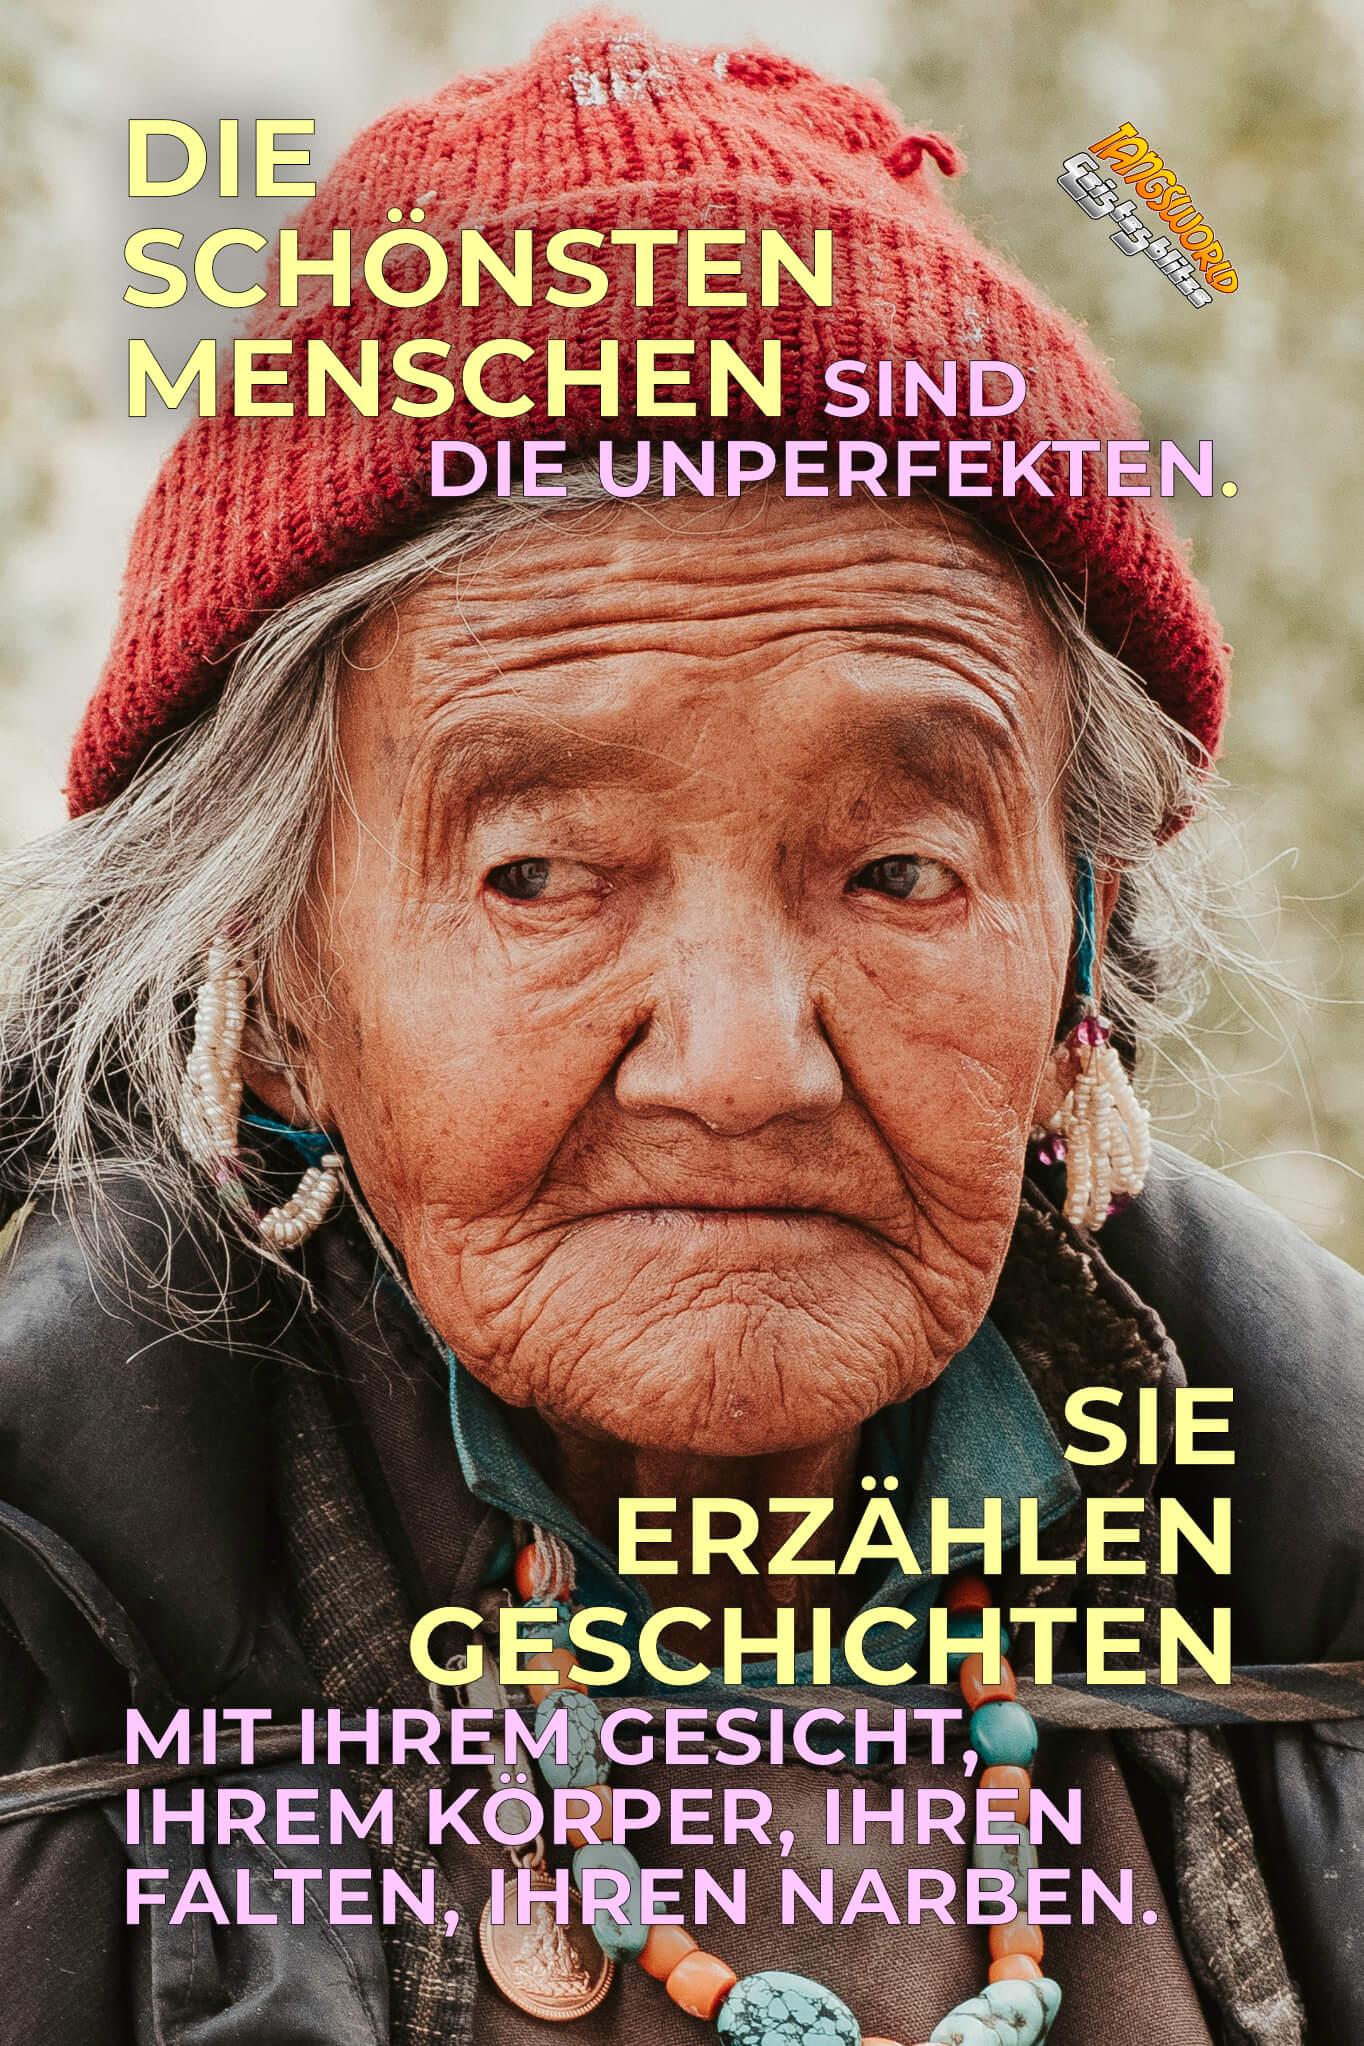 Die schönsten Menschen sind die Unperfekten. Sie erzählen Geschichten mit ihrem Gesicht, ihrem Körper, ihren Falten, ihren Narben. - Geistesblitze